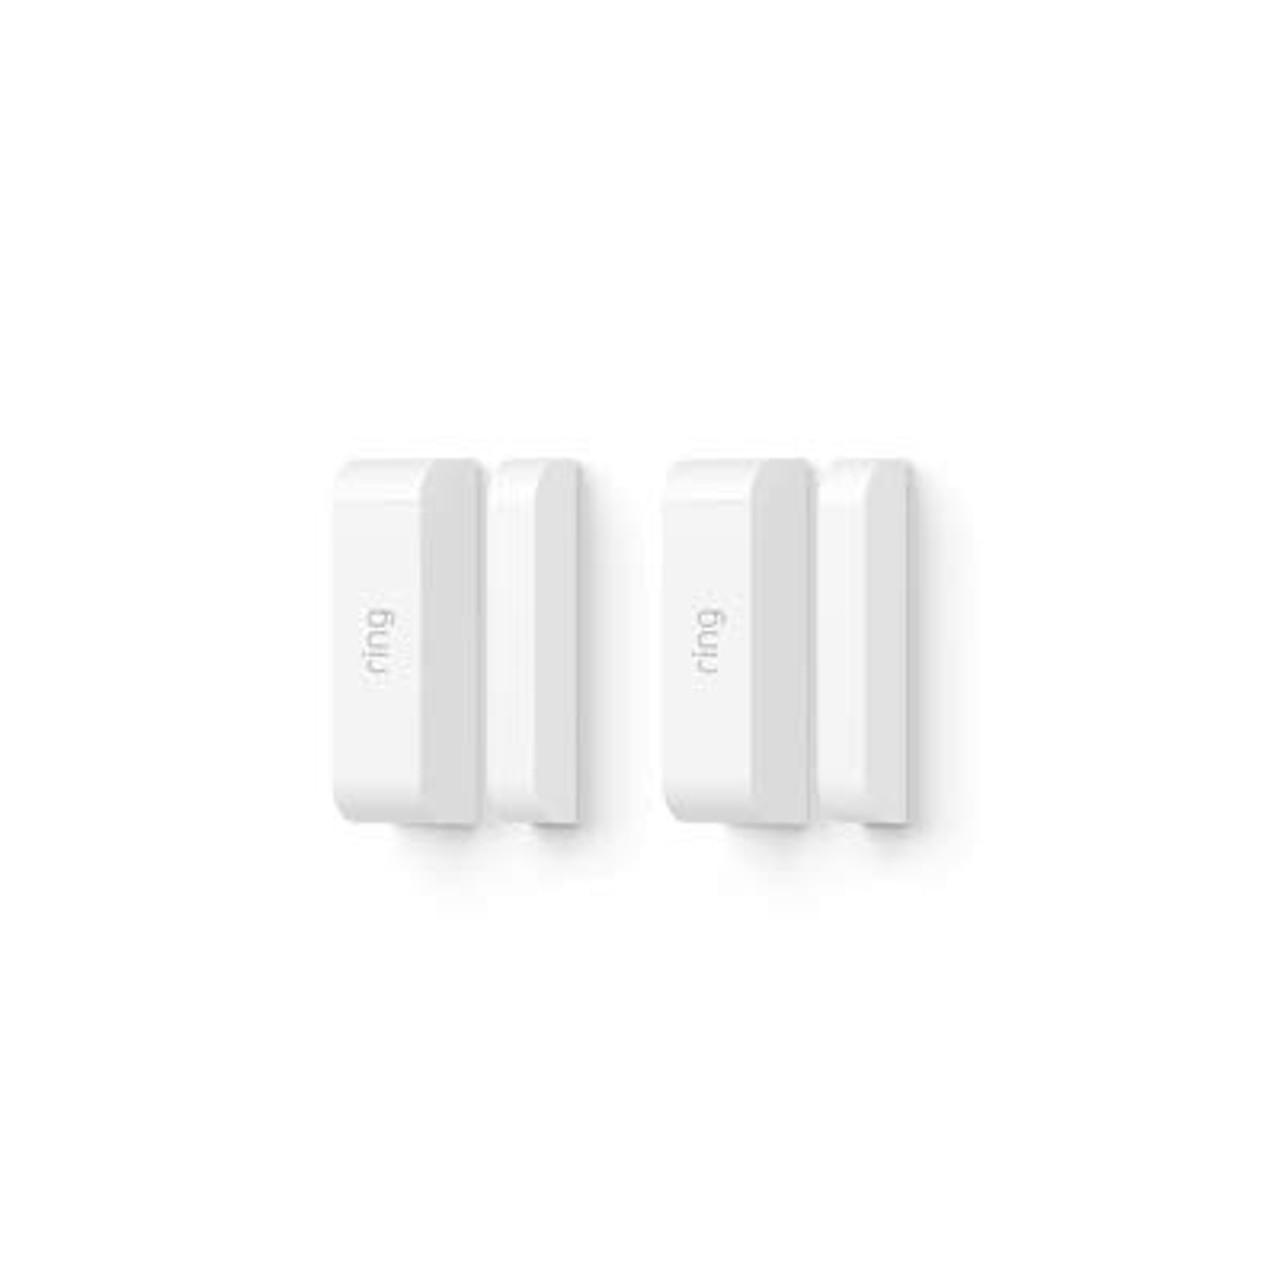 Ring Battery Powered Indoor White Door and Window Sensor